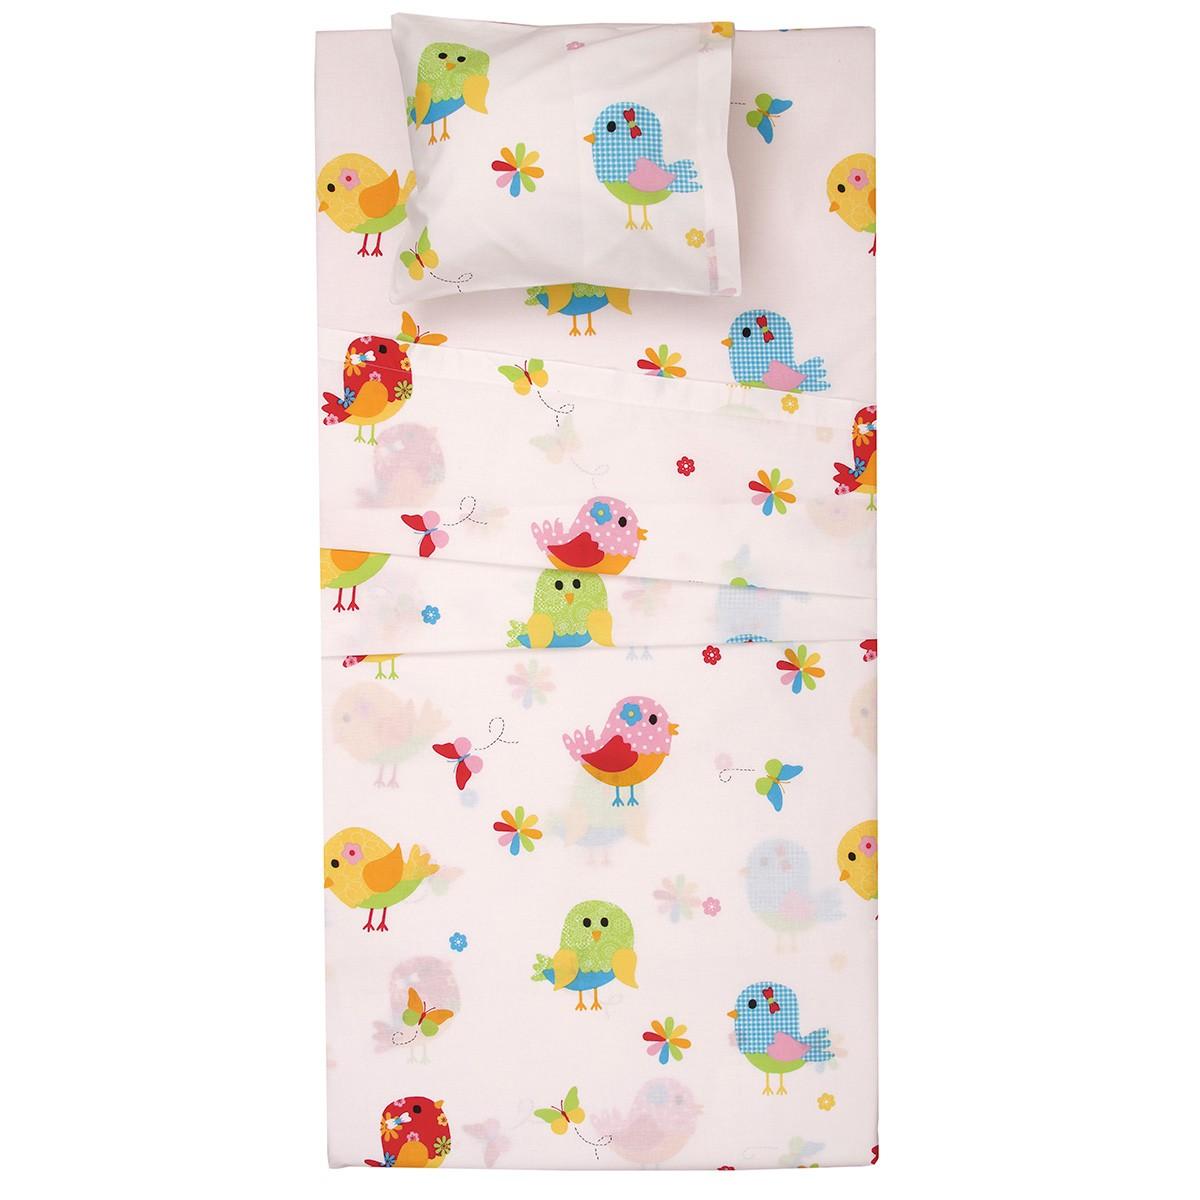 Σεντόνια Λίκνου (Σετ) Viopros Baby Cotton Μπέρντι